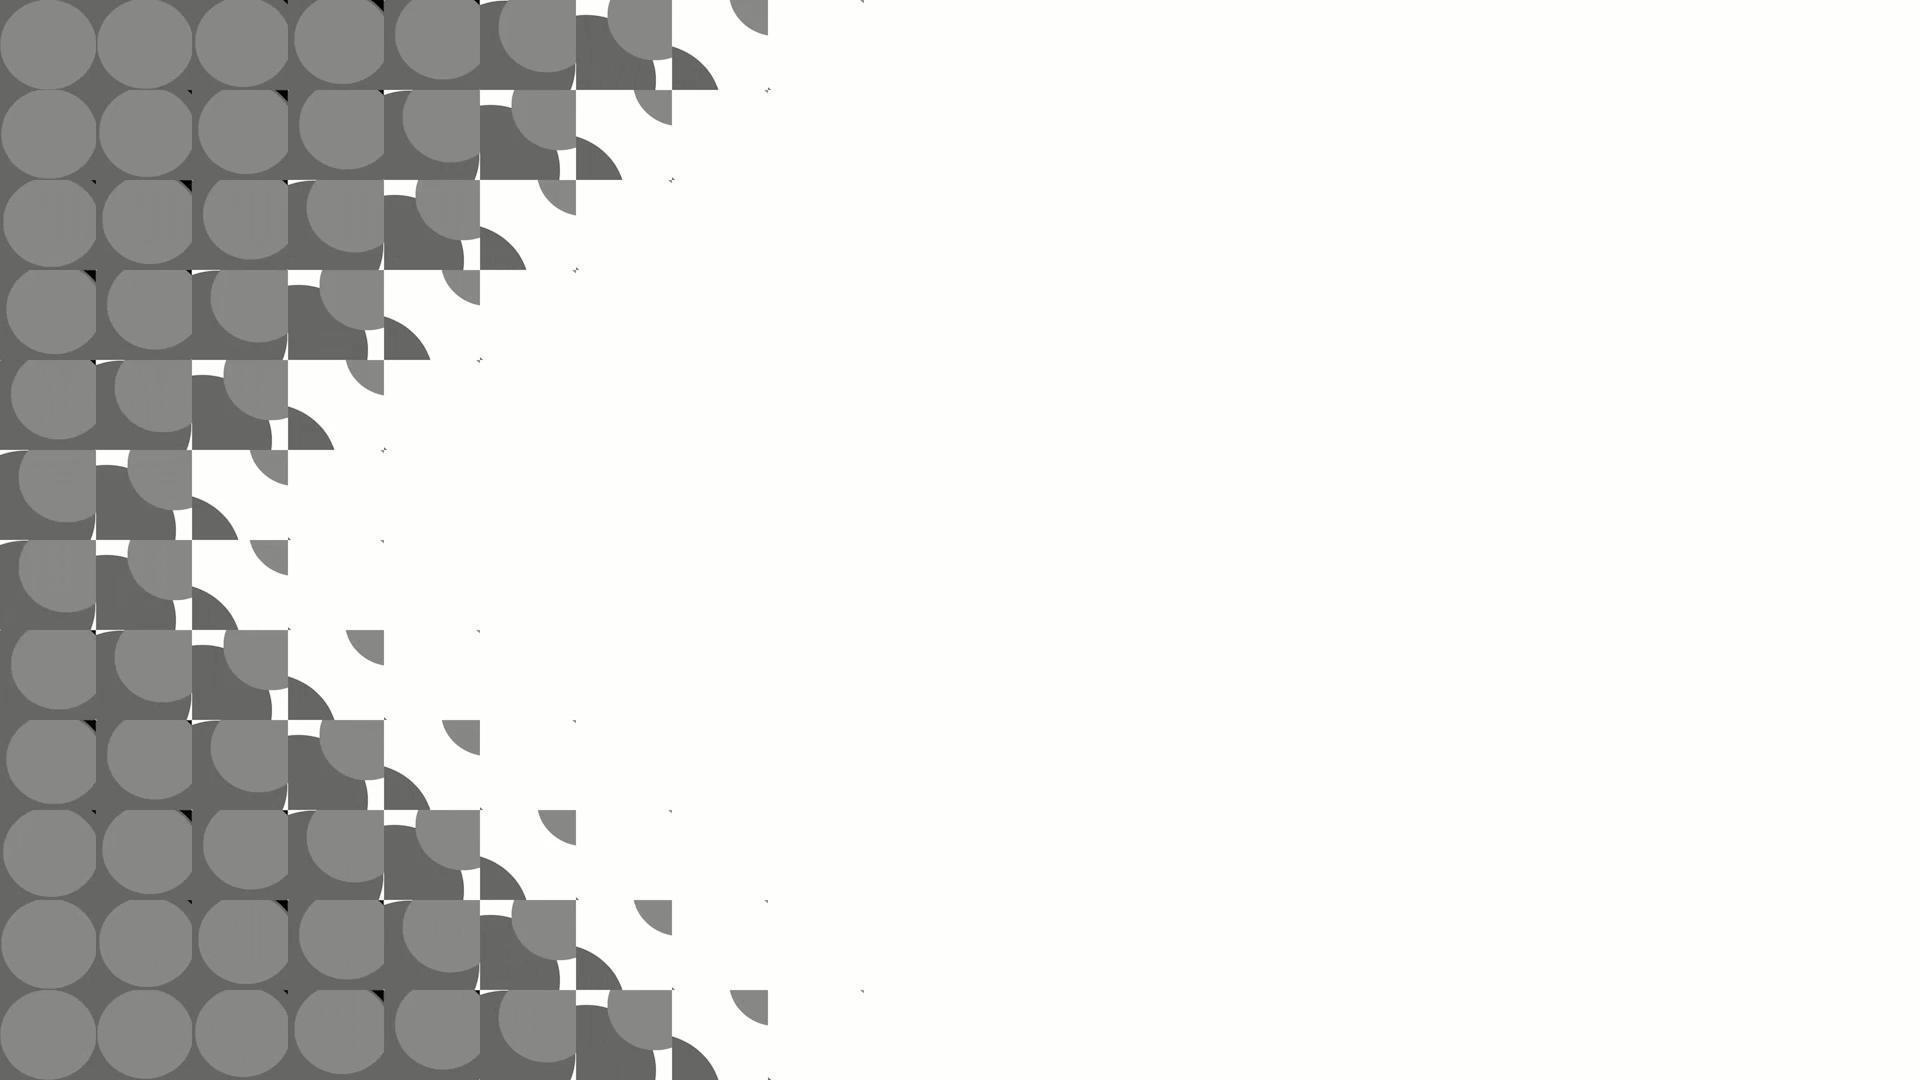 几何圆过渡素材12